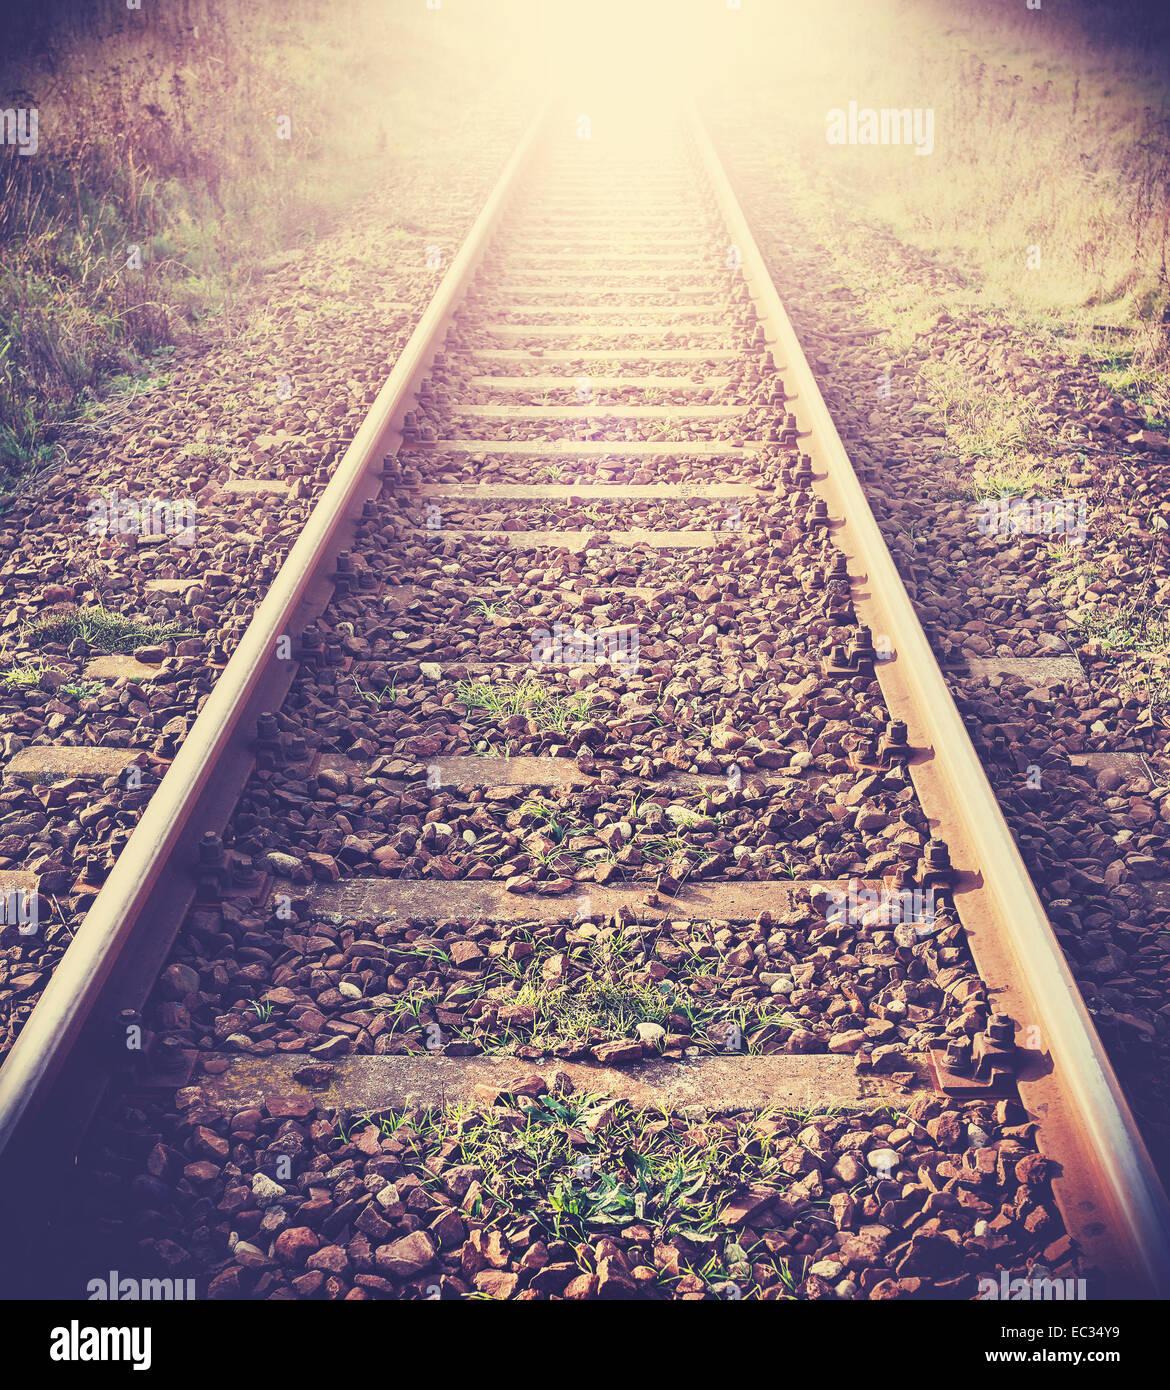 Vintage photo filtrée de voies de chemin de fer. Photo Stock